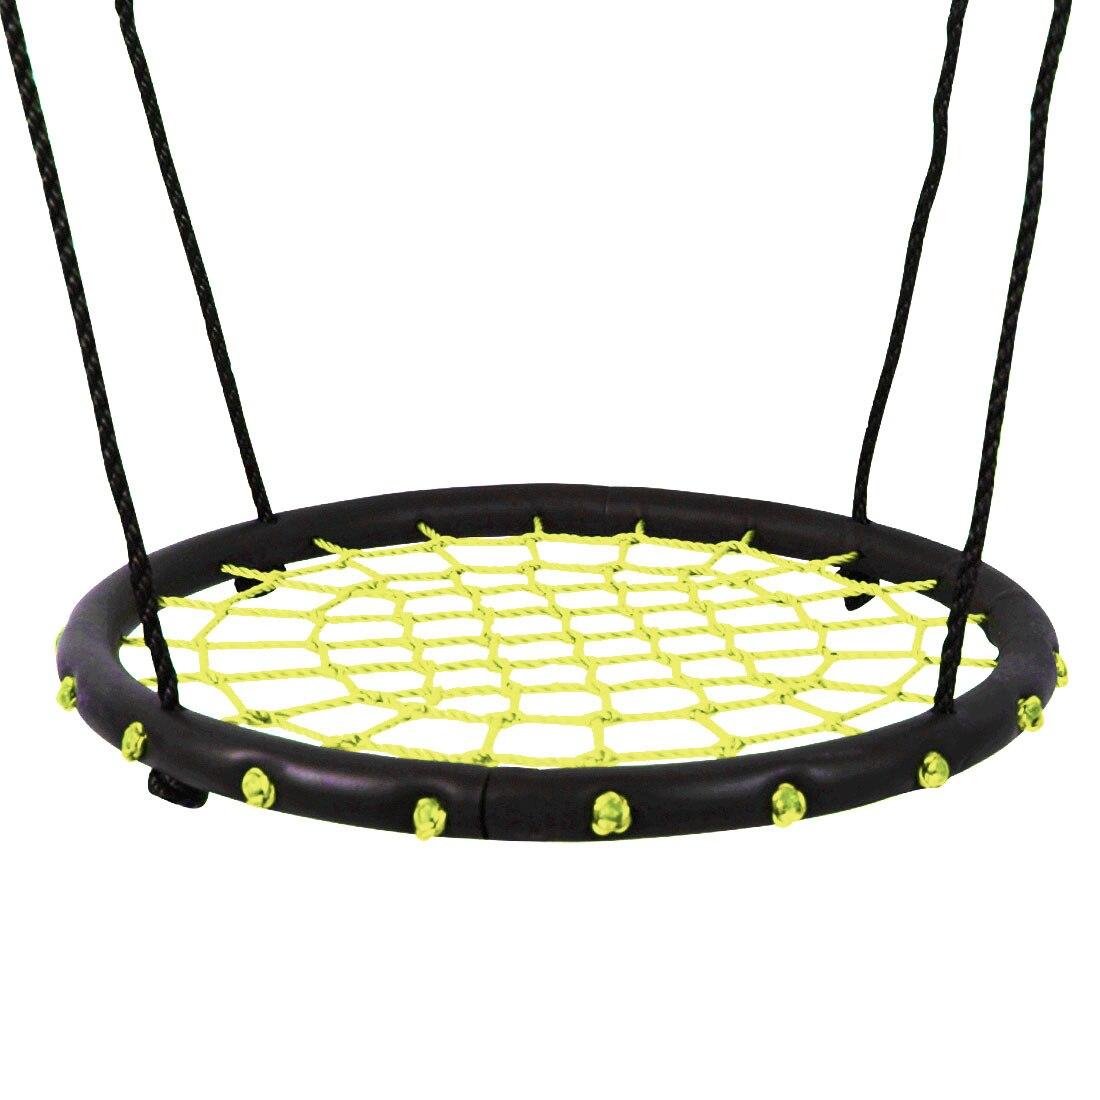 Enfants nid rond balançoire intérieur et extérieur cintre enfants Net corde Stout balançoire bébé jouets portant 200Kg diamètre 60 cm - 4